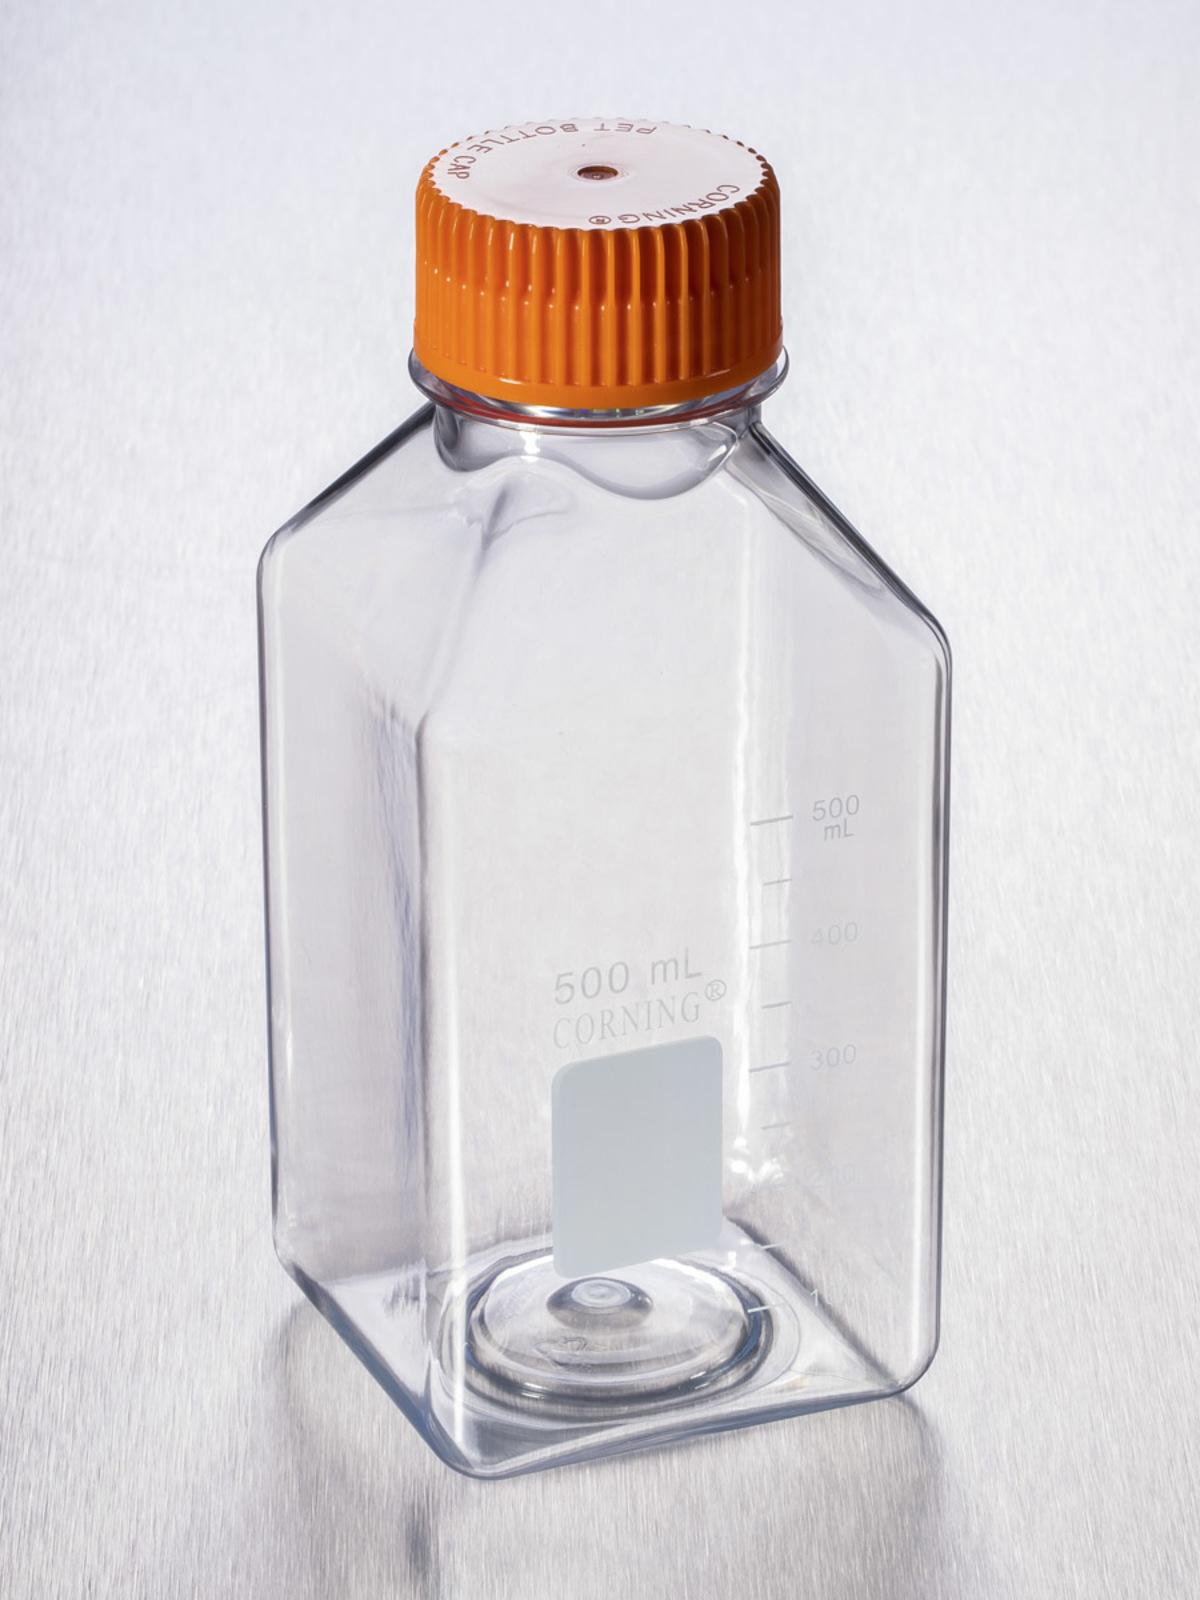 ペット ボトル キャップ 容量